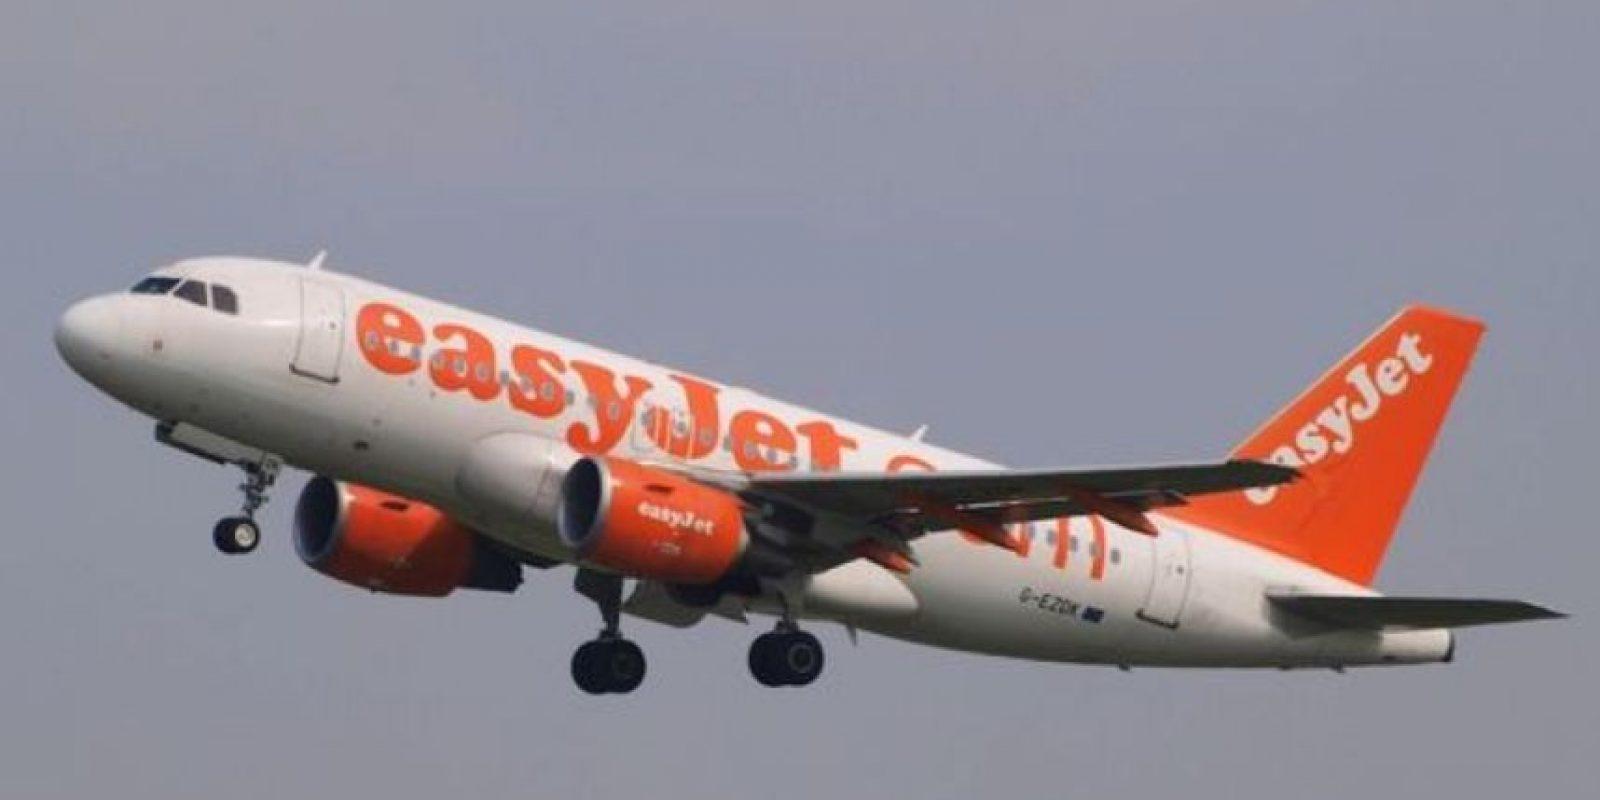 De hecho, la cinta se usa para hacer reparaciones rápidas que eviten los retrasos en los vuelos. Foto:vía Wikimedia